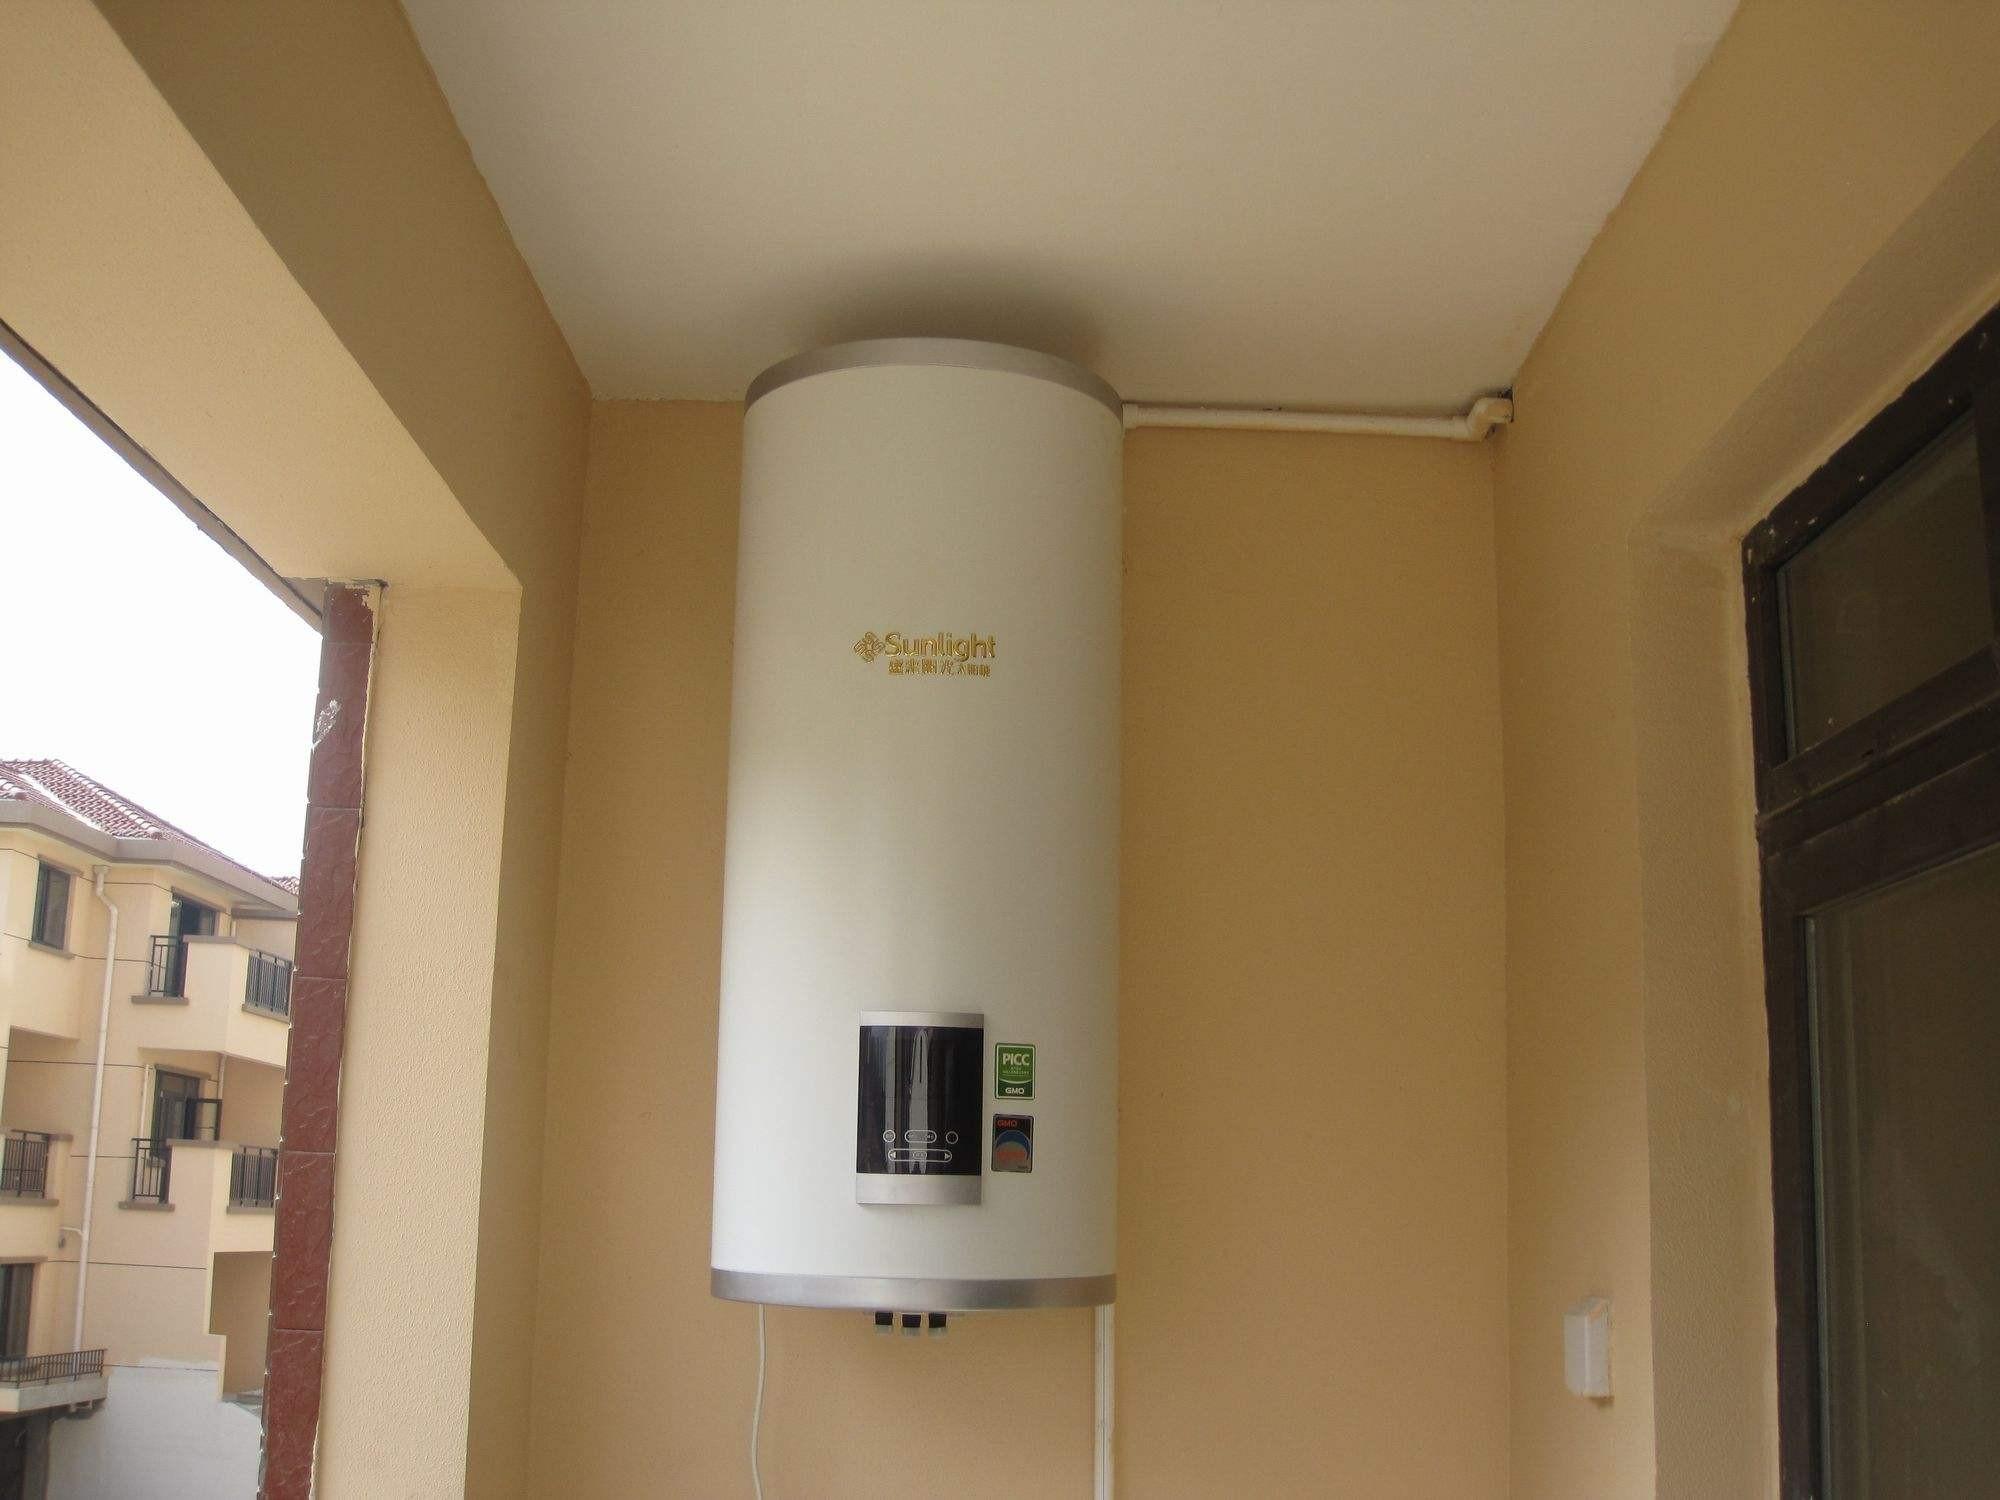 壁挂太阳能热水器报价—壁挂太阳能热水器多少钱呢